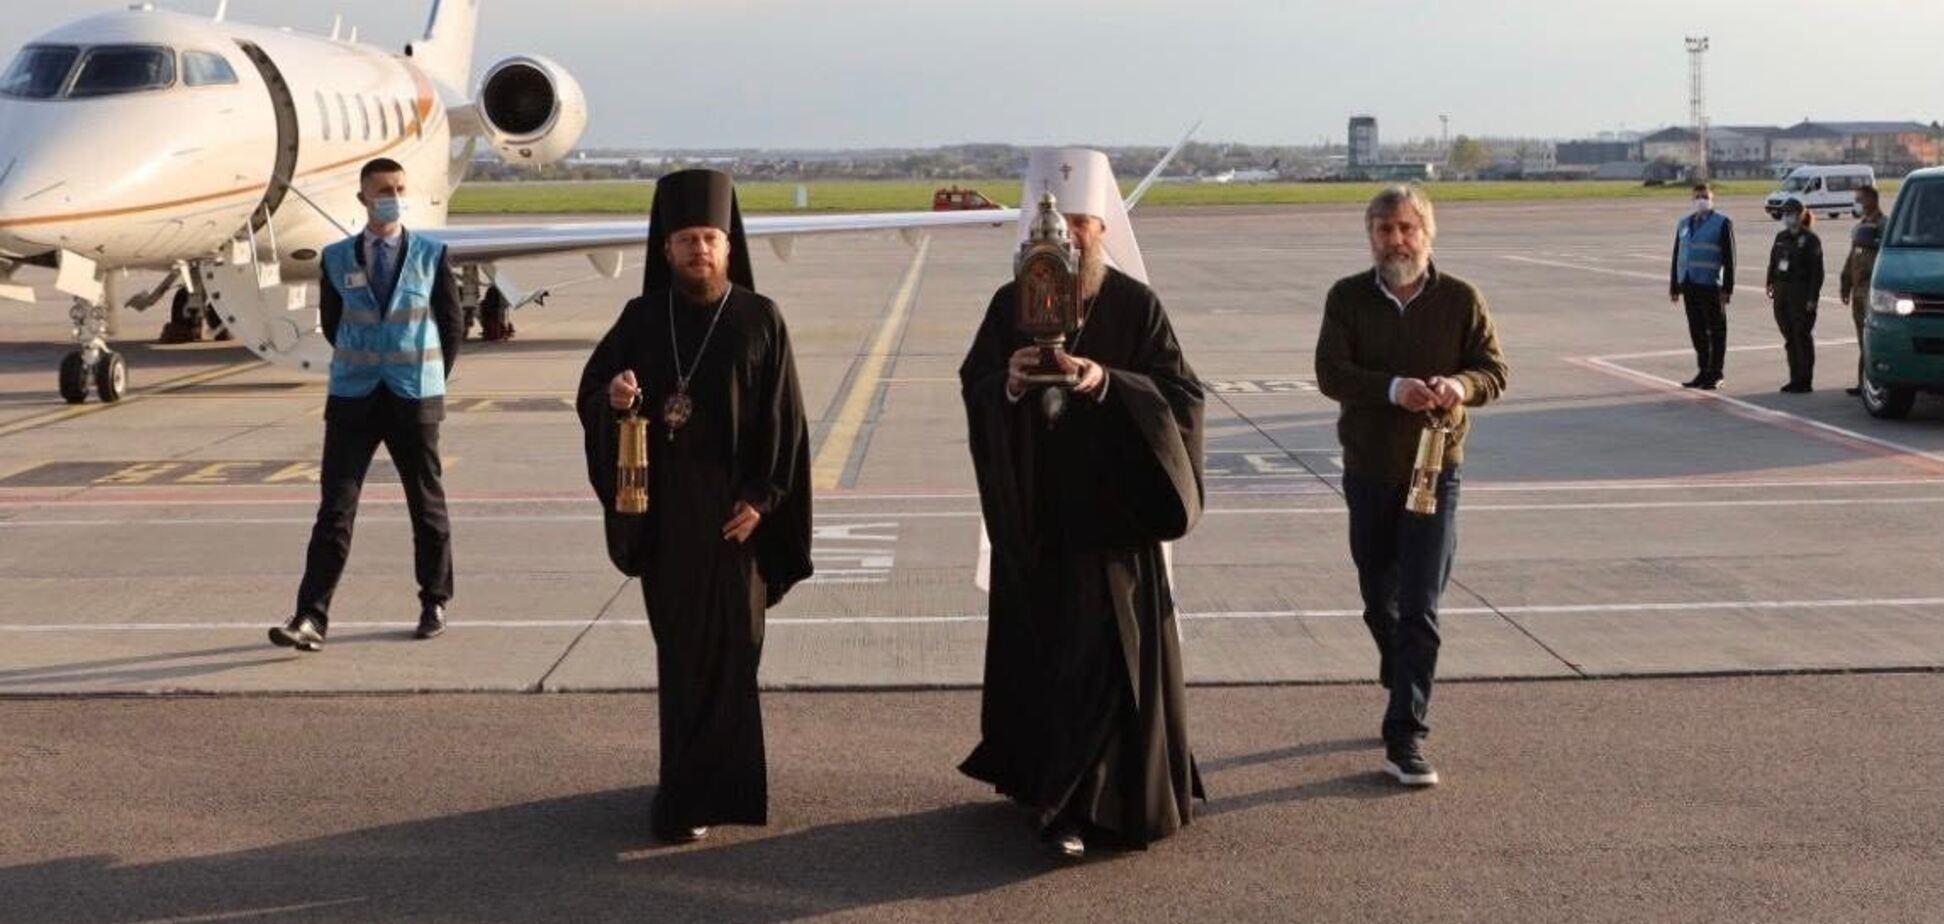 Вадим Новинський у складі делегації УПЦ привіз в Україну Благодатний вогонь